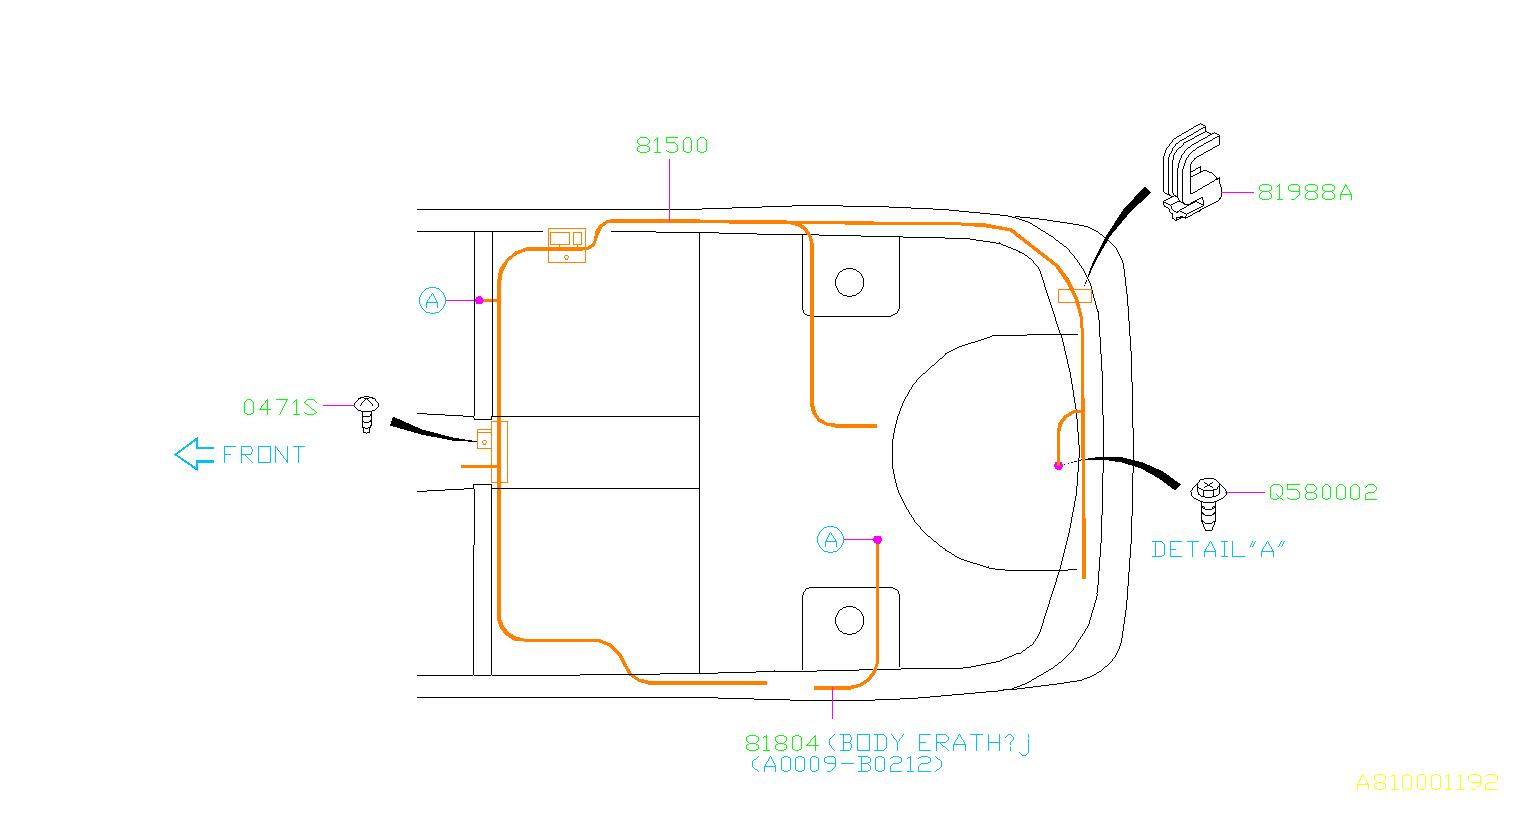 Subaru Sti Cruise Control Cable Clip  Harness  Wiring